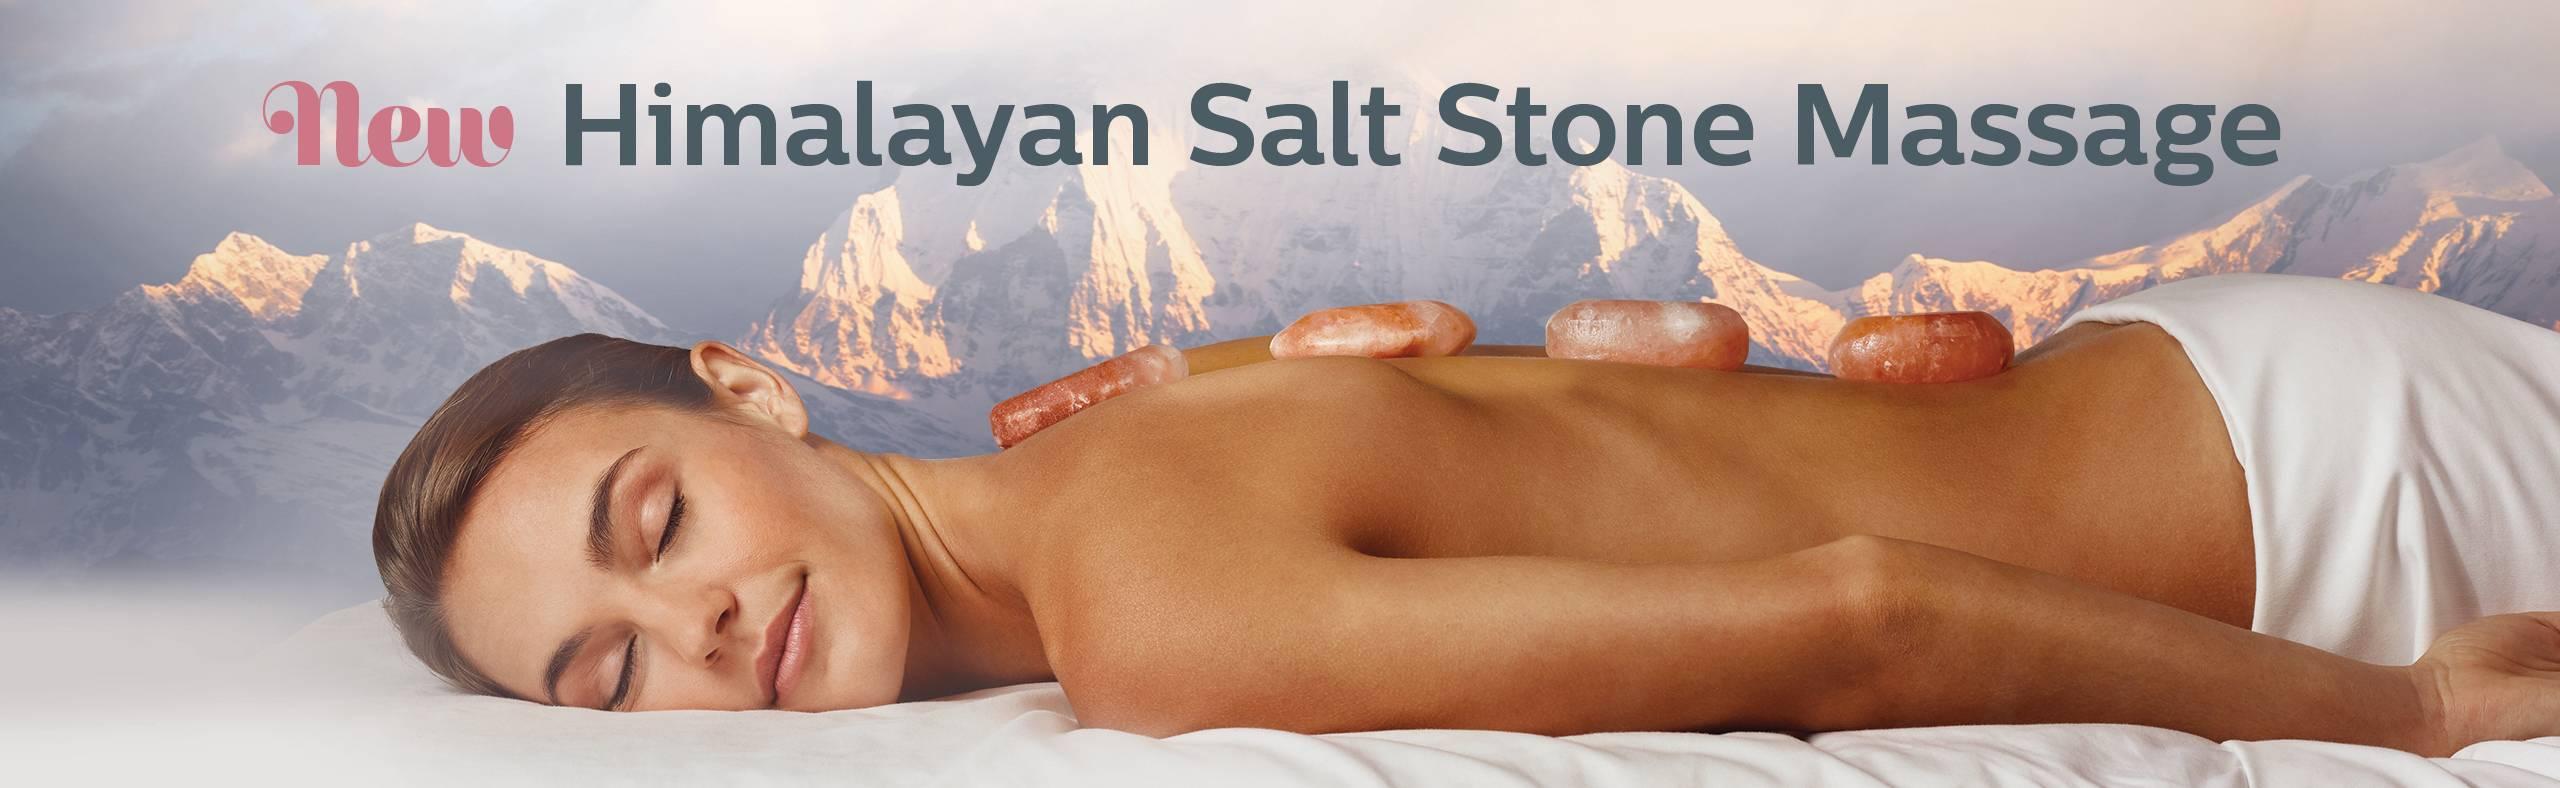 Himalayan Salt Stones